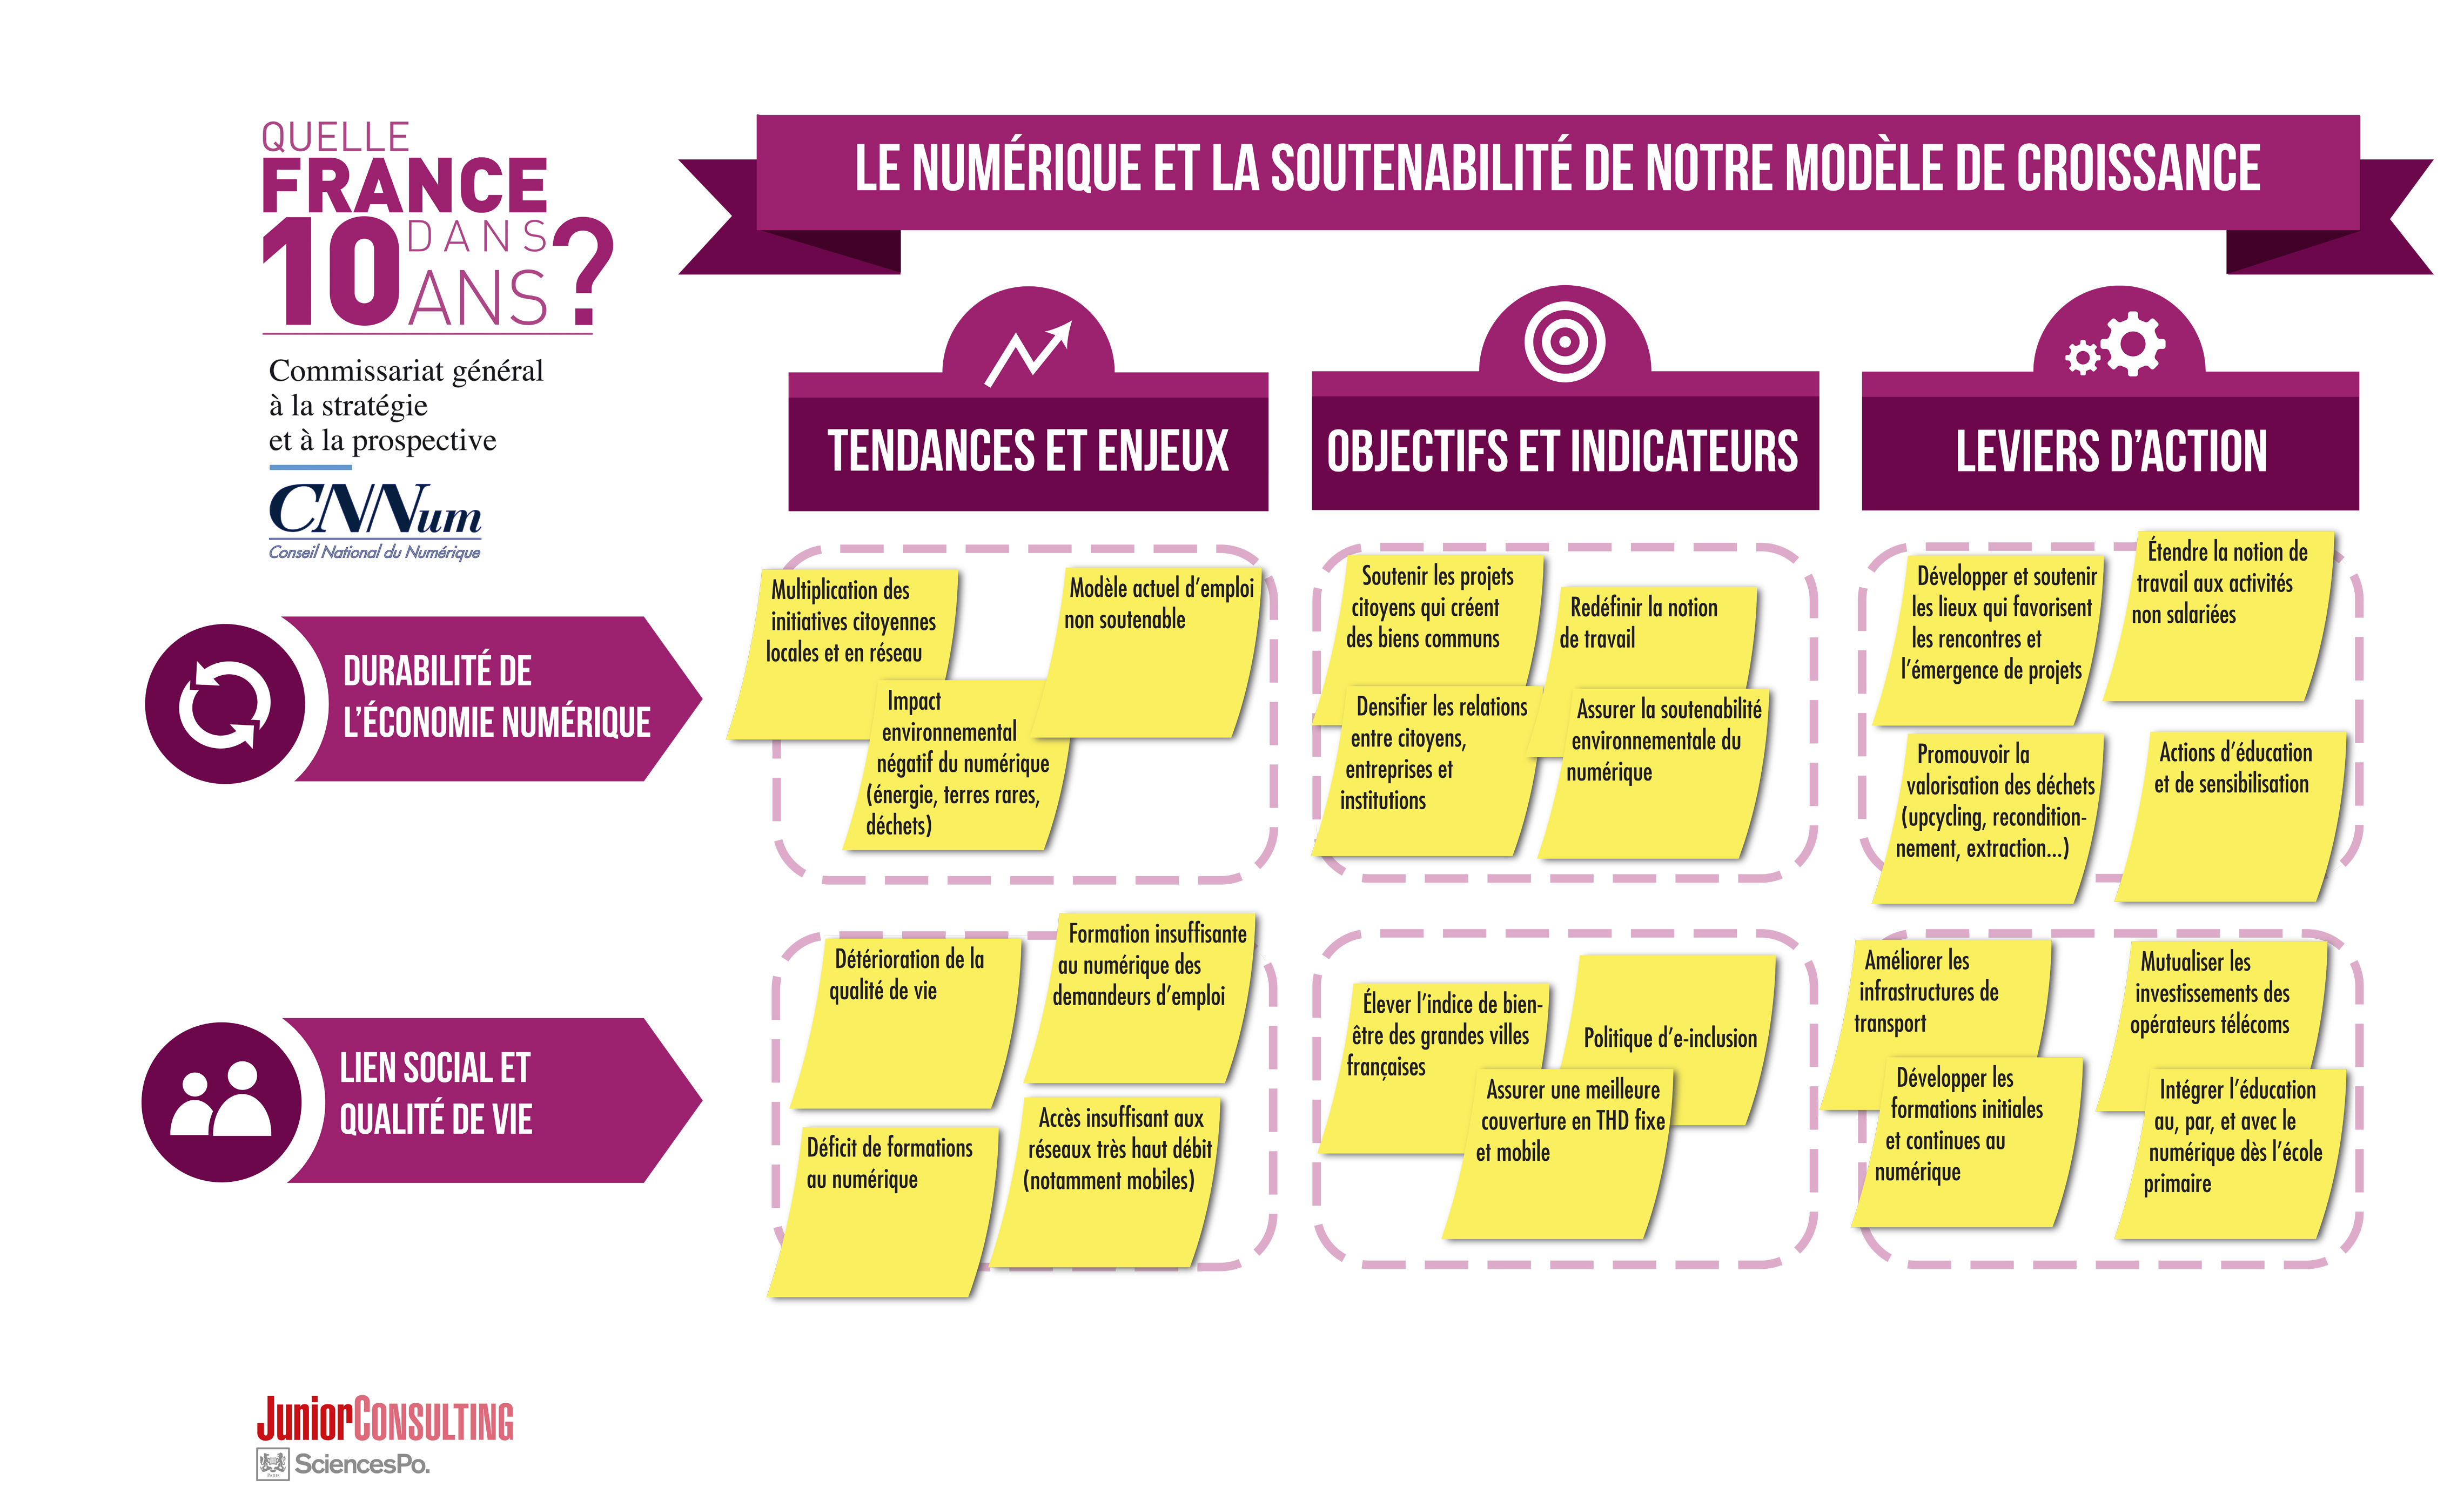 Le numérique et la soutenabilité de notre modèle de croissance